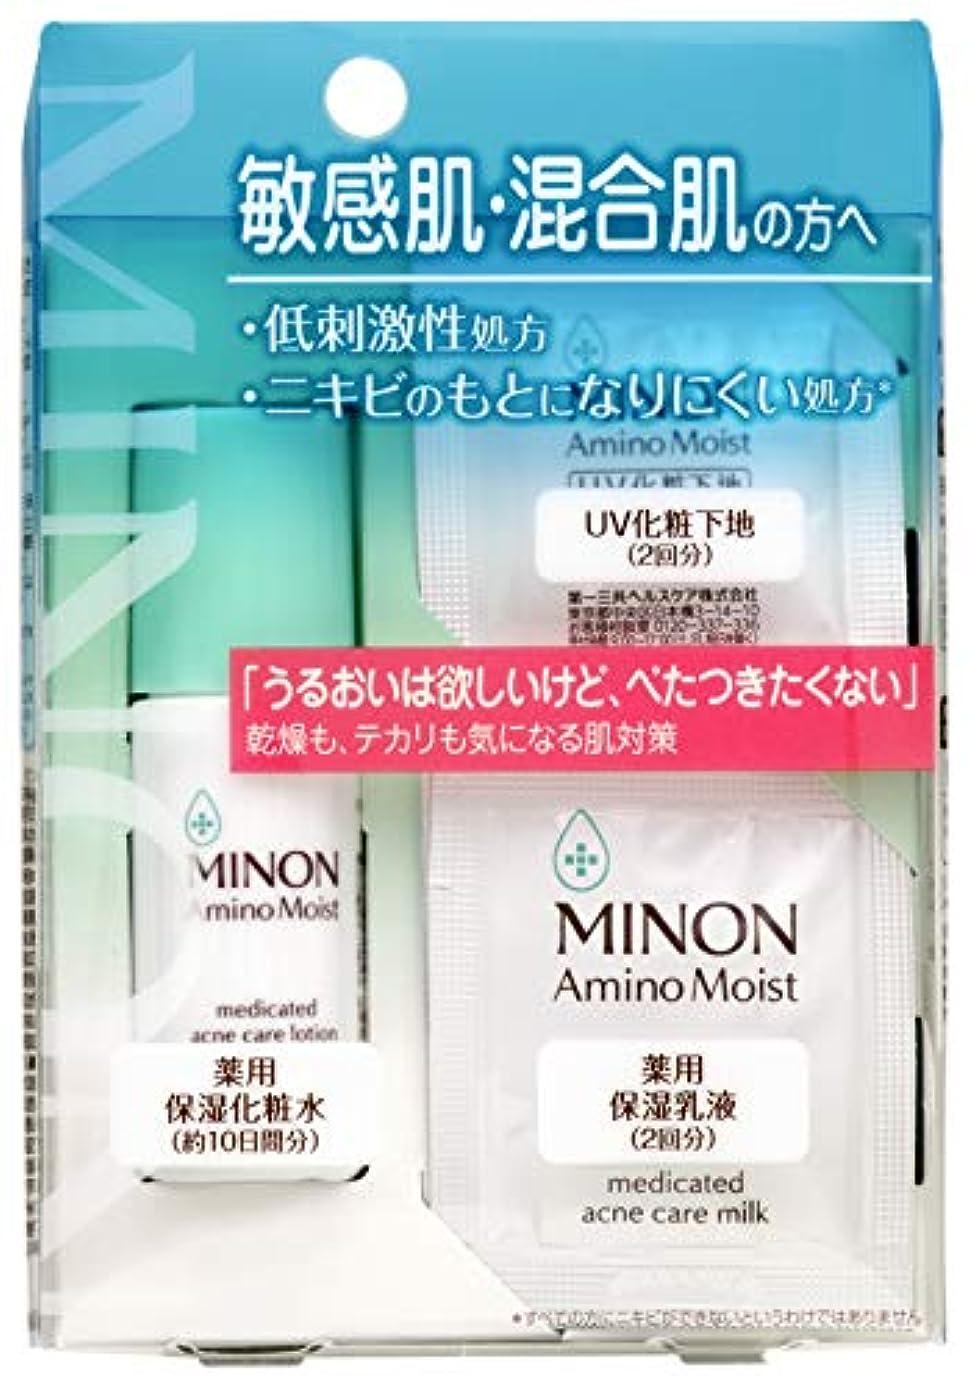 教会把握消毒剤第一三共ヘルスケア ミノン アミノモイスト 敏感肌?混合肌ライン トライアルセット 20mL